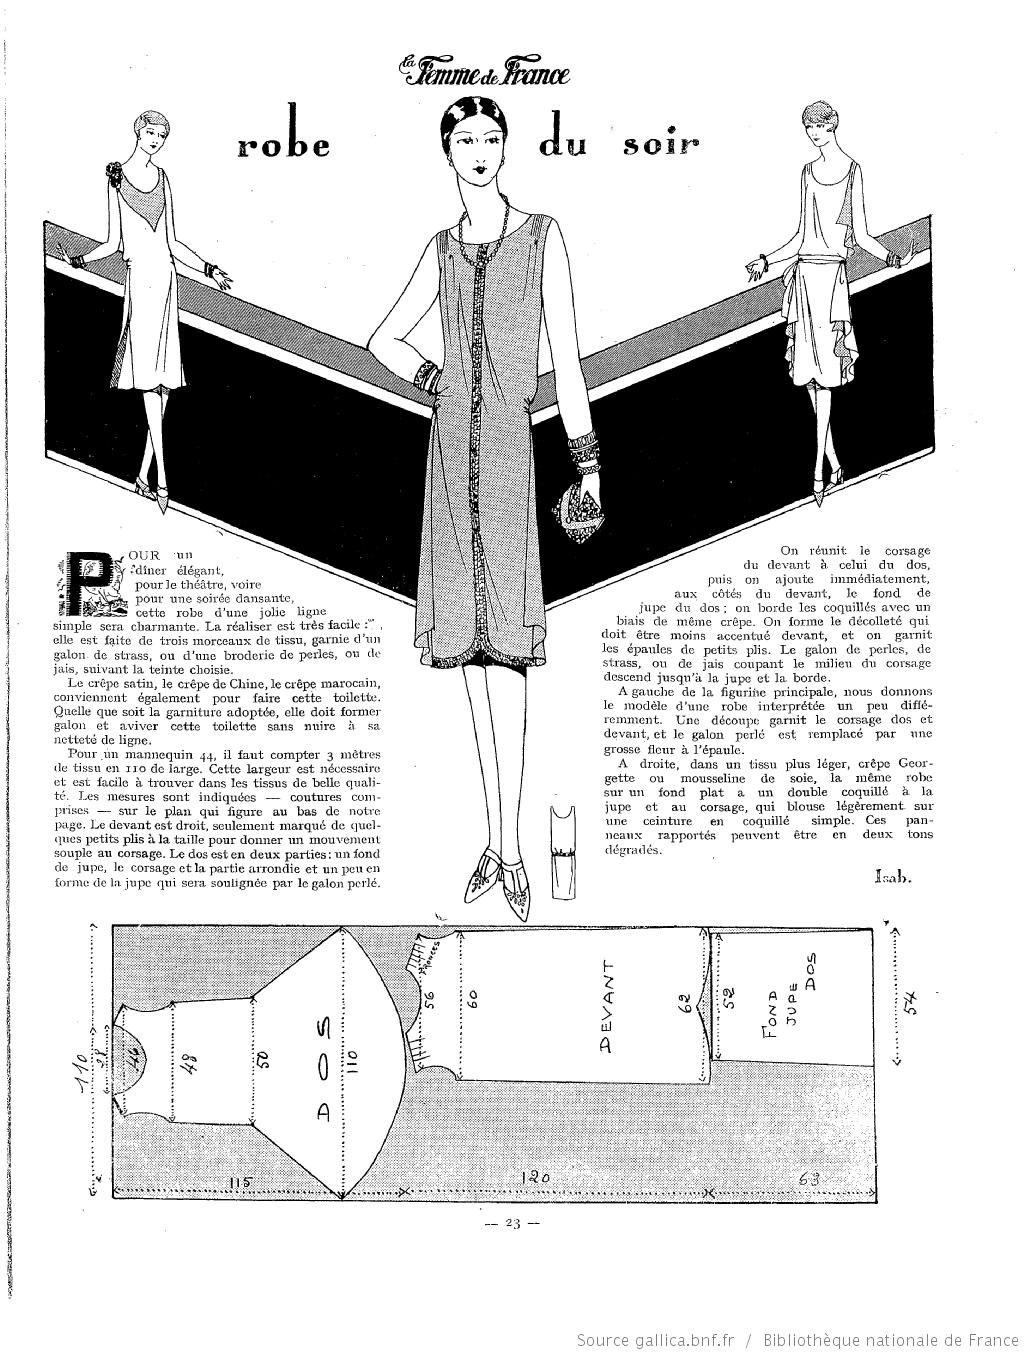 La Femme de France | PATRONES | Pinterest | Moda vintage y Patrones